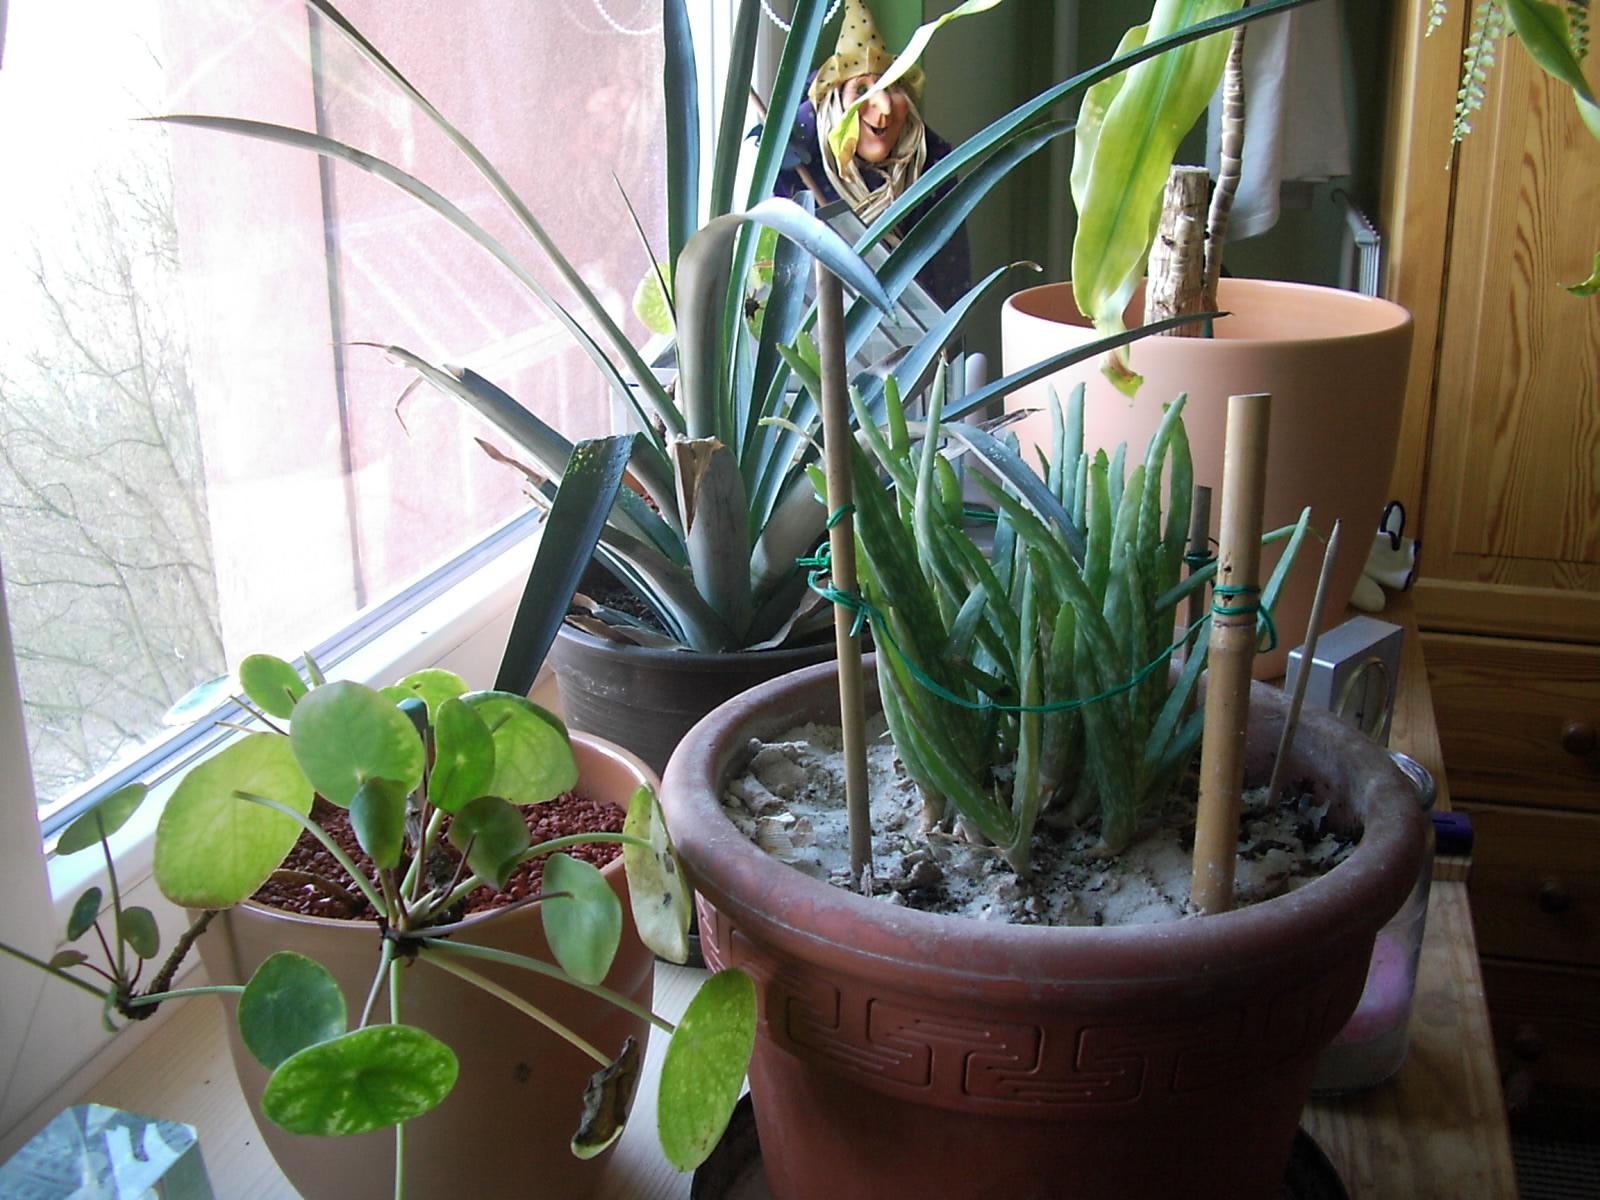 schlafzimmer pflanzen pflanzen im schlafzimmer pflanzenfreunde, Schlafzimmer entwurf